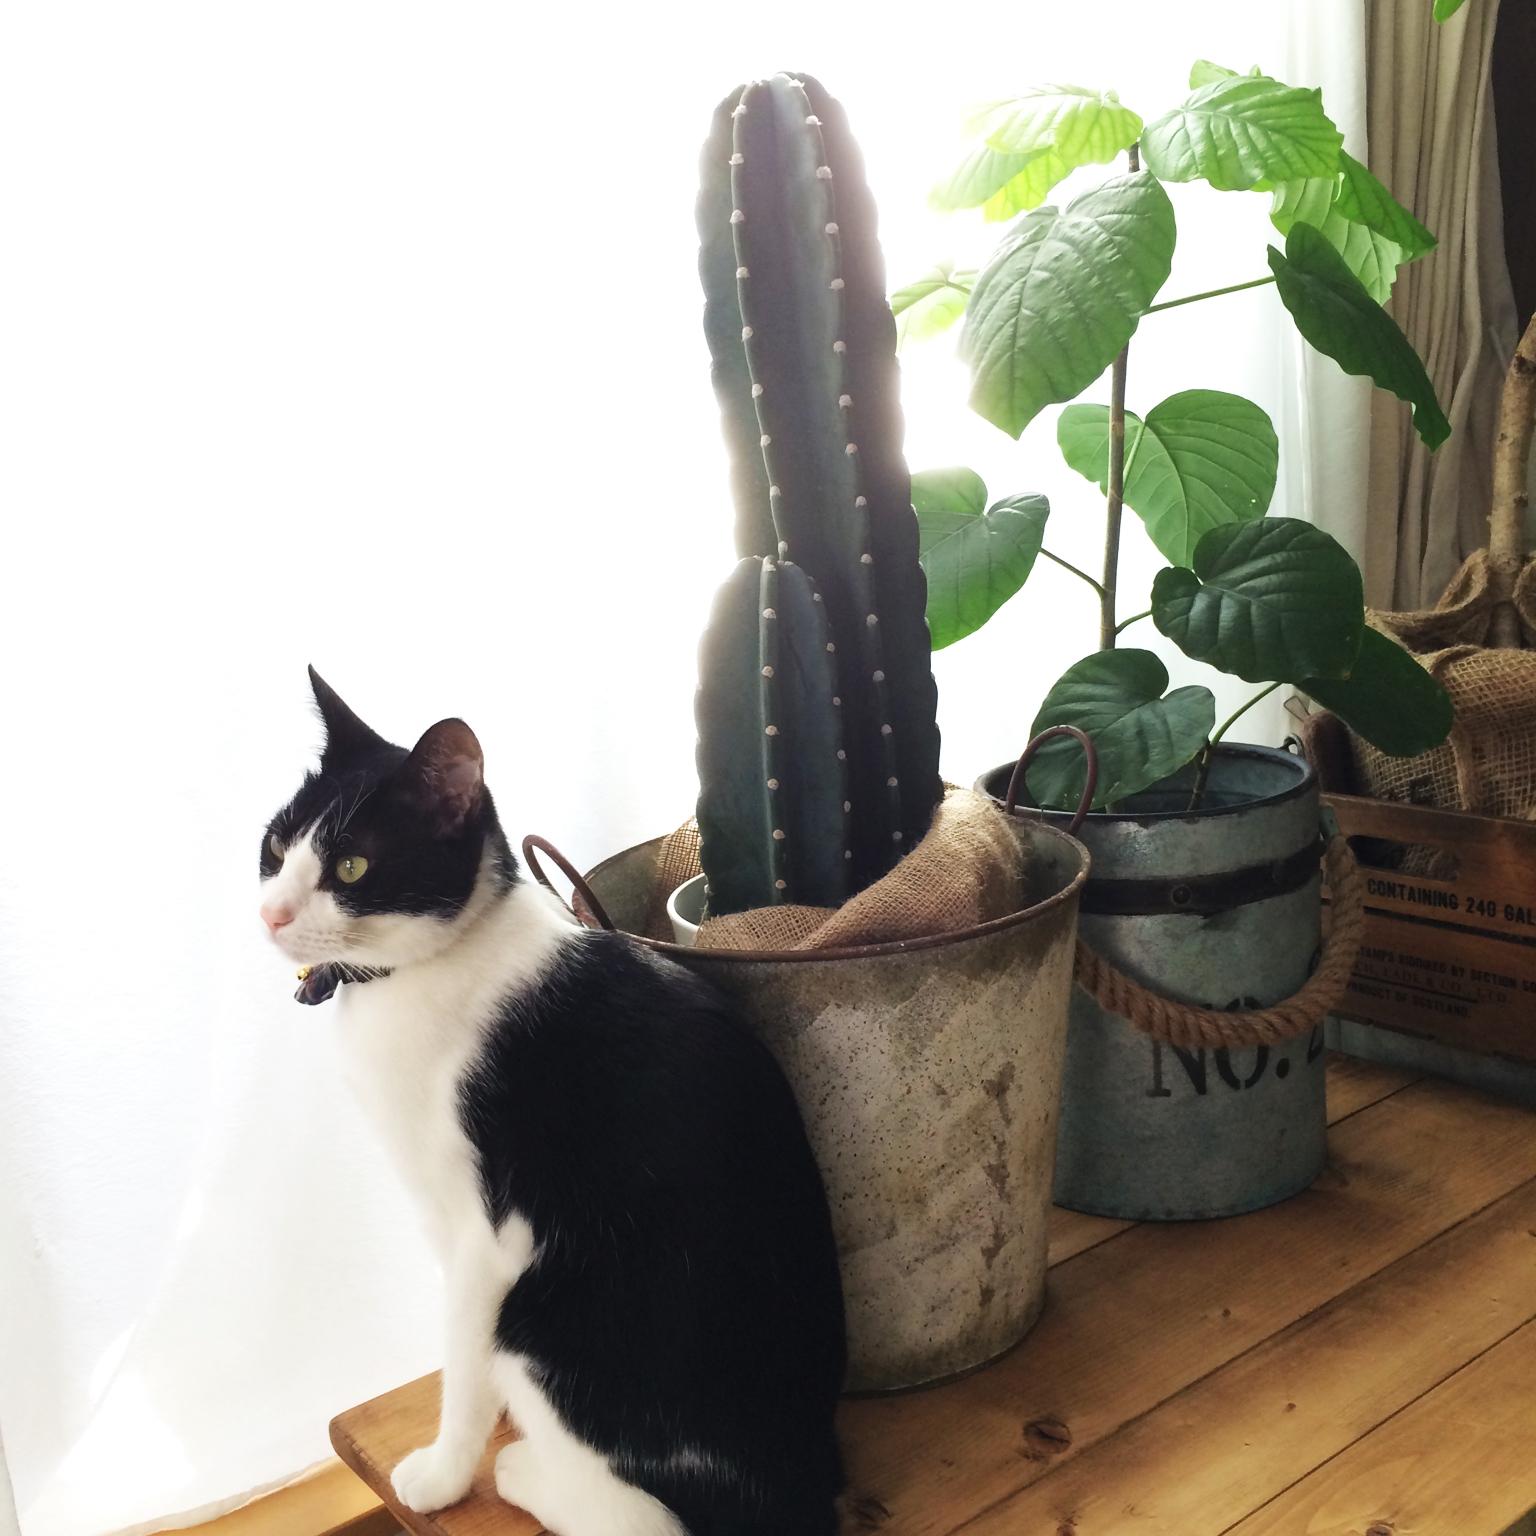 ワイルドな魅力♪ぐんぐん伸びる柱サボテンの育て方おしえます!のサムネイル画像